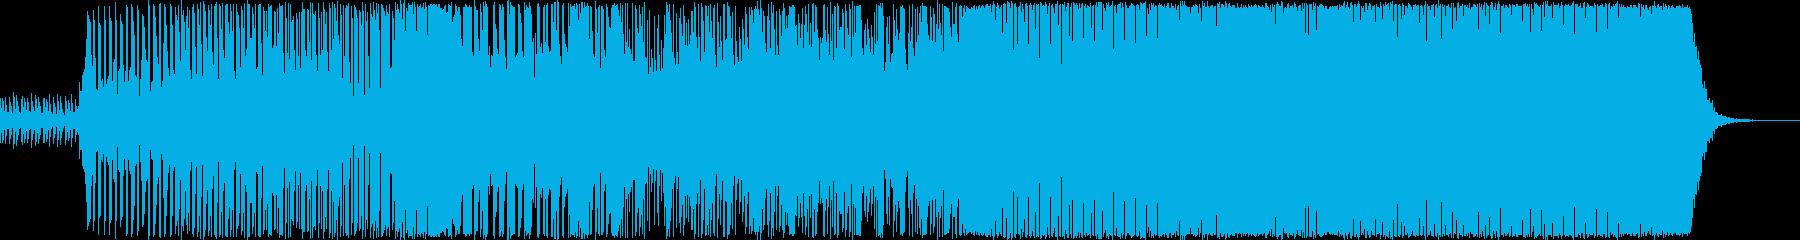 独特な曲展開のテクノの再生済みの波形